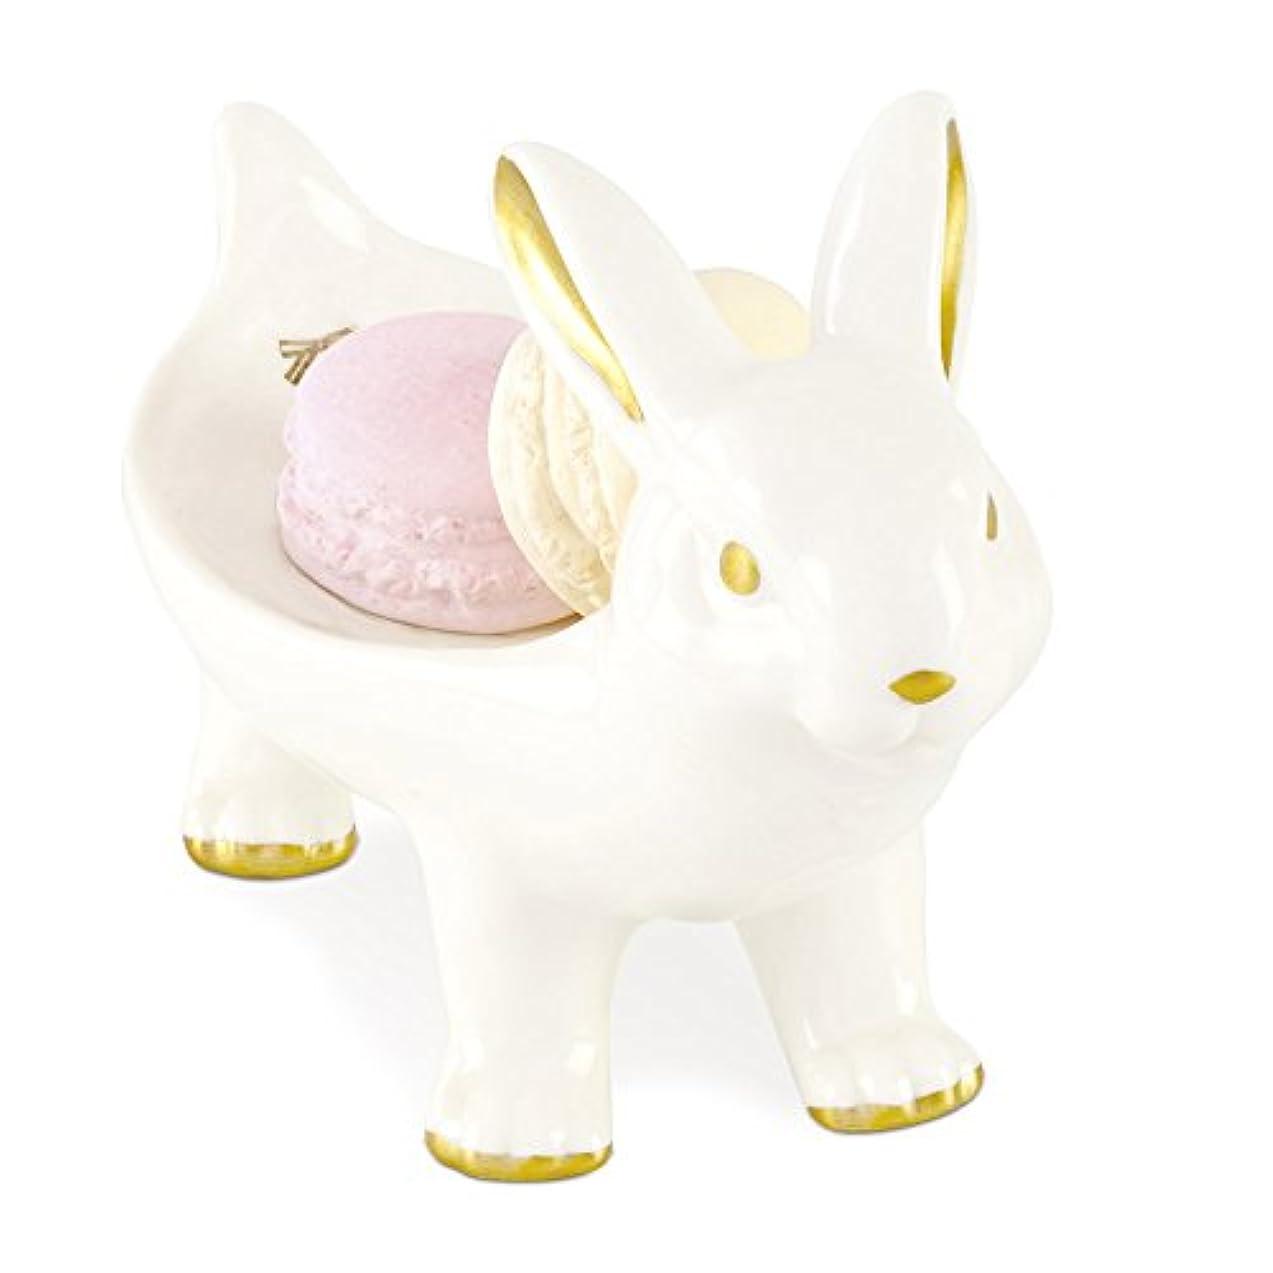 バンドル理容室ショッキングキャリングアニマル アロマストーン&アニマルトレイ Rabbit KH-60960